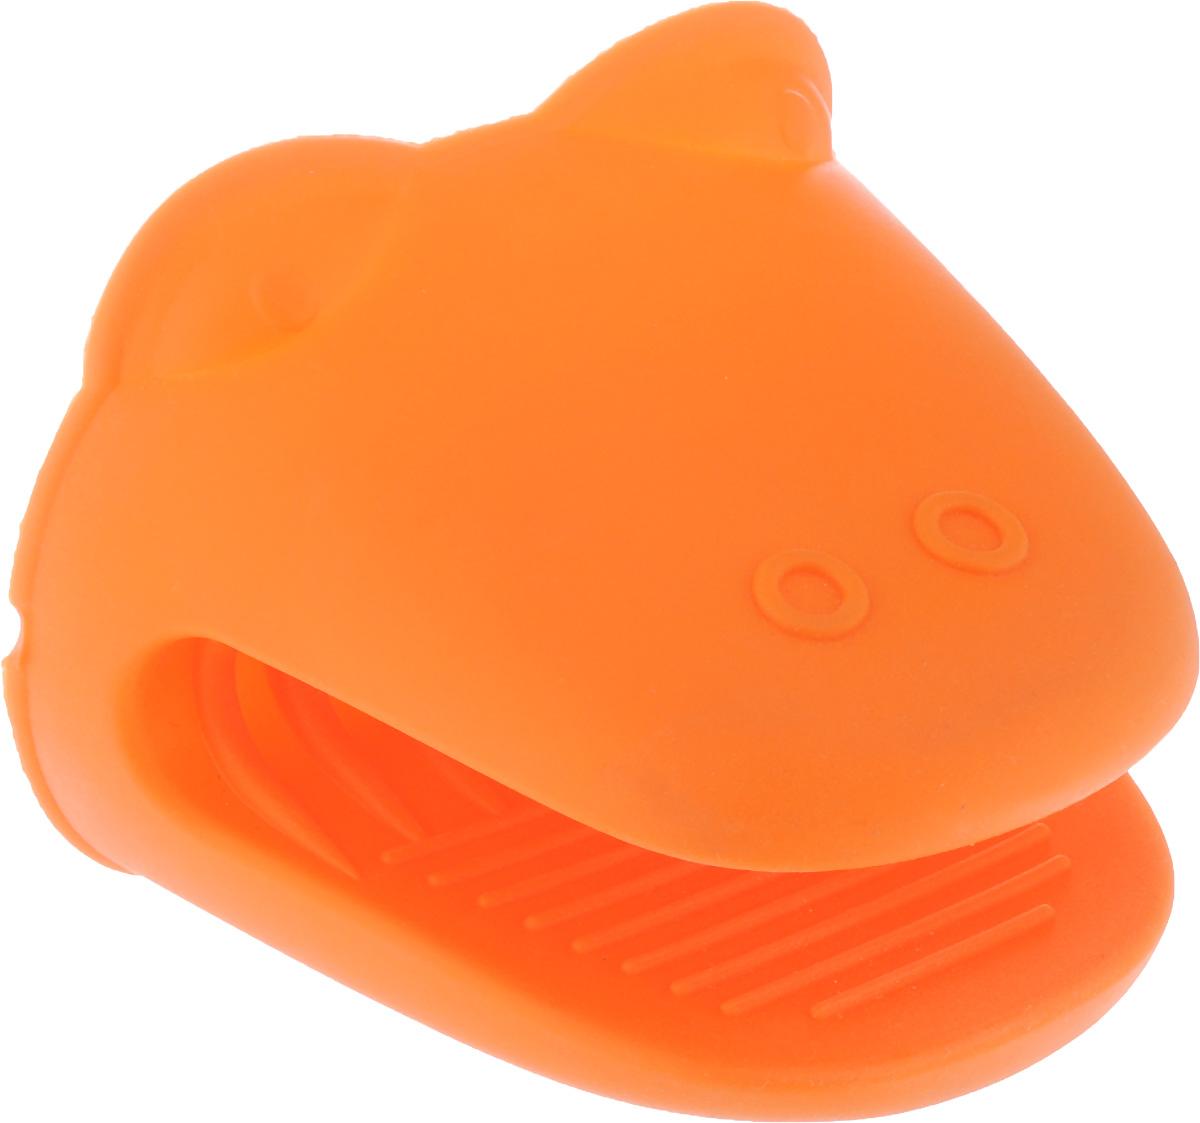 Прихватка Mayer & Boch, силиконовая, цвет: оранжевый, 11,5 х 9 см прихватка силиконовая attribute apricot